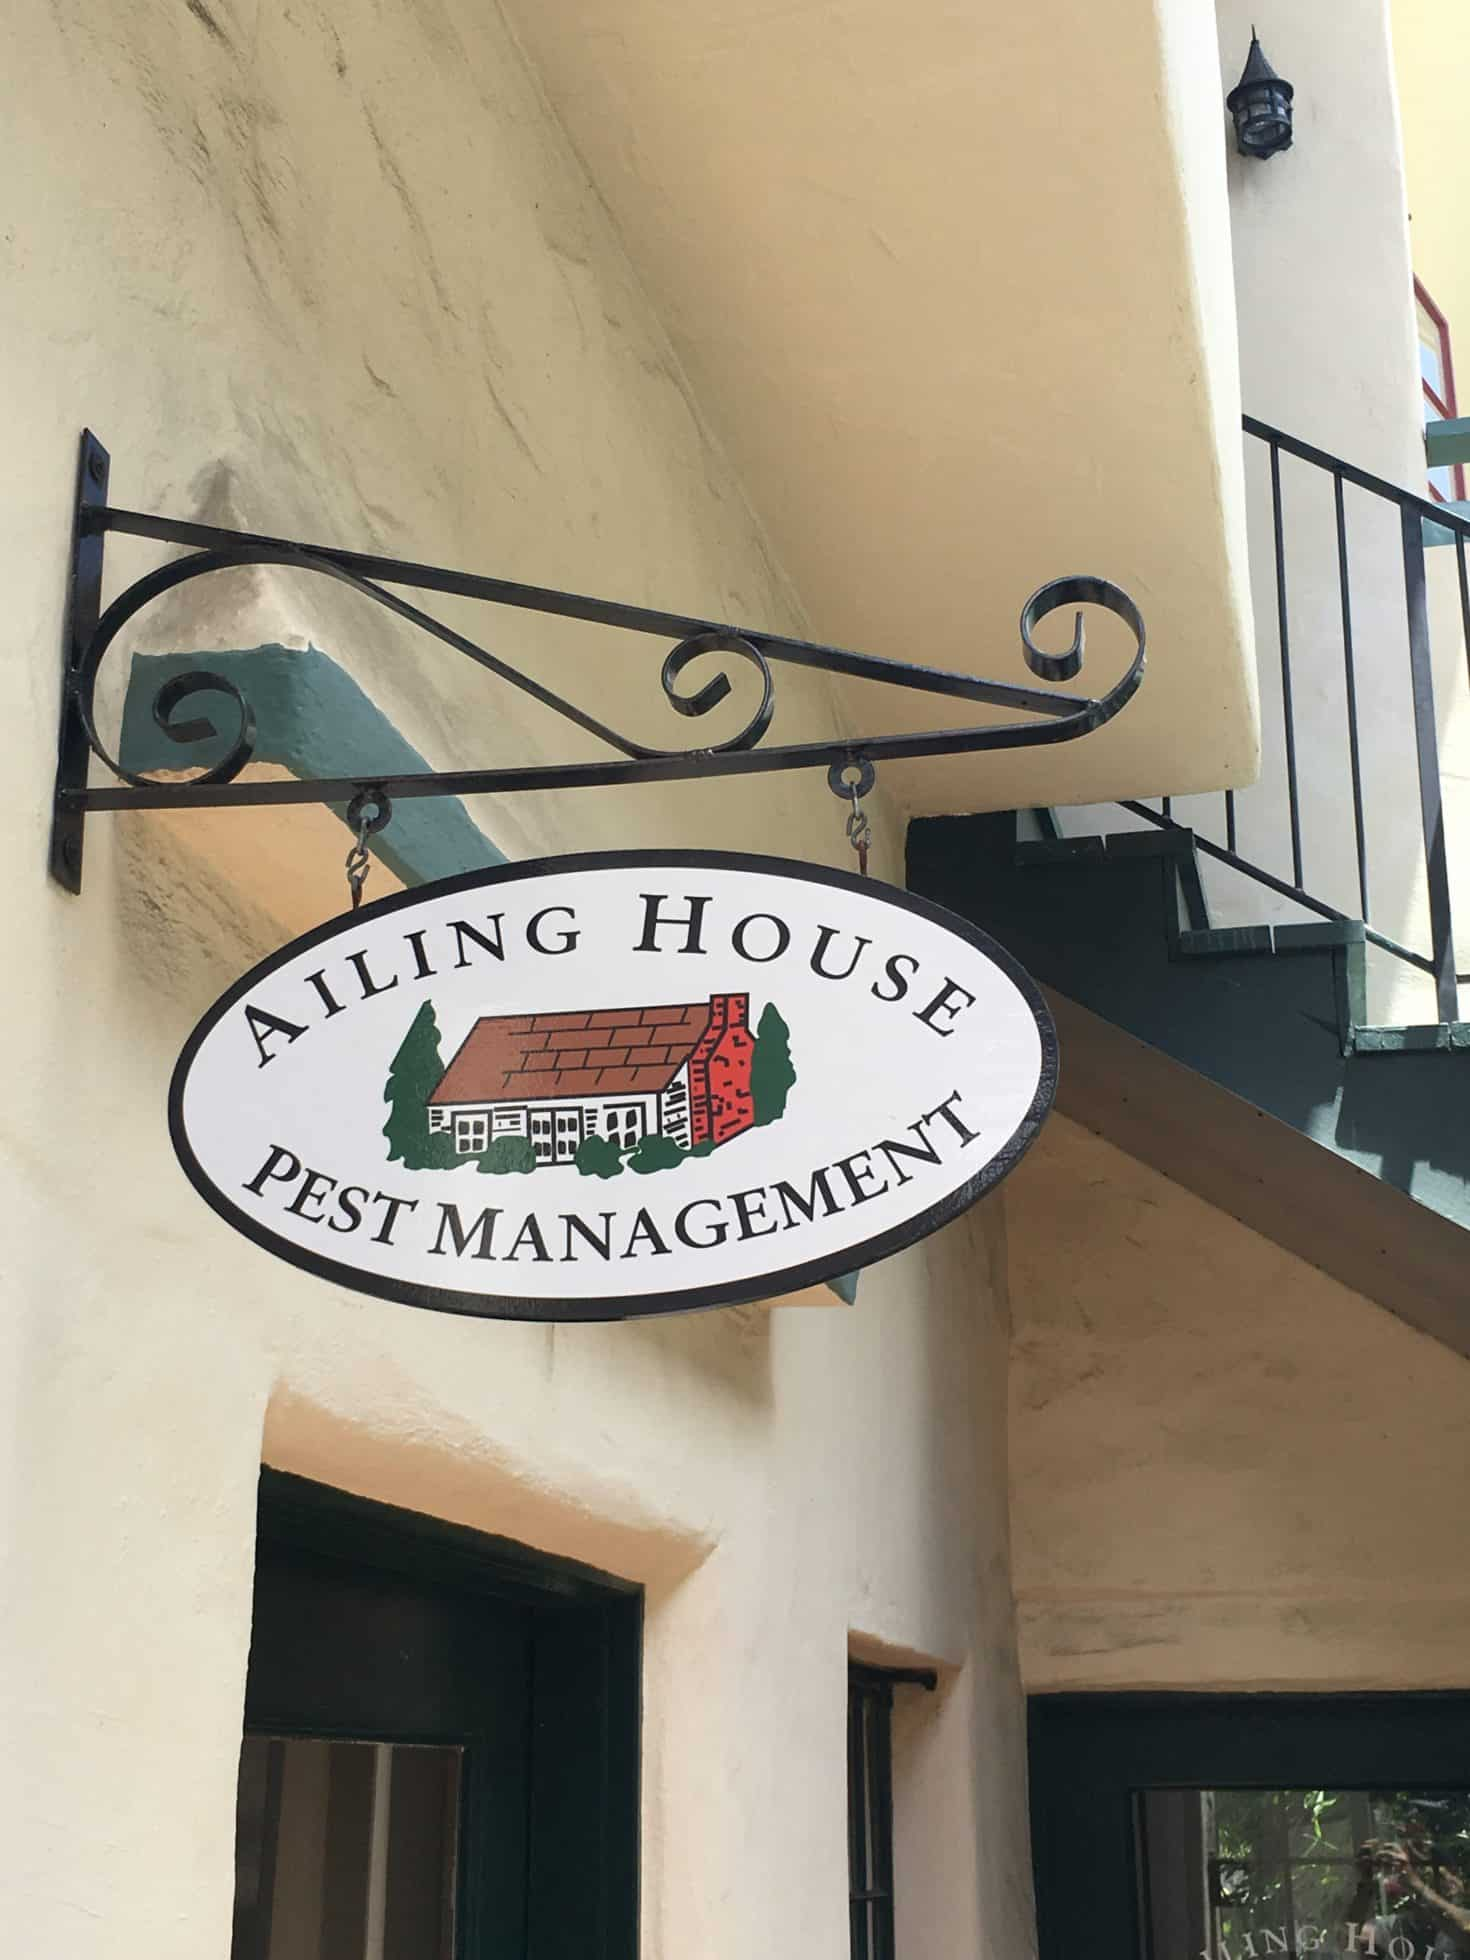 Ailing House Pest Management Carmel